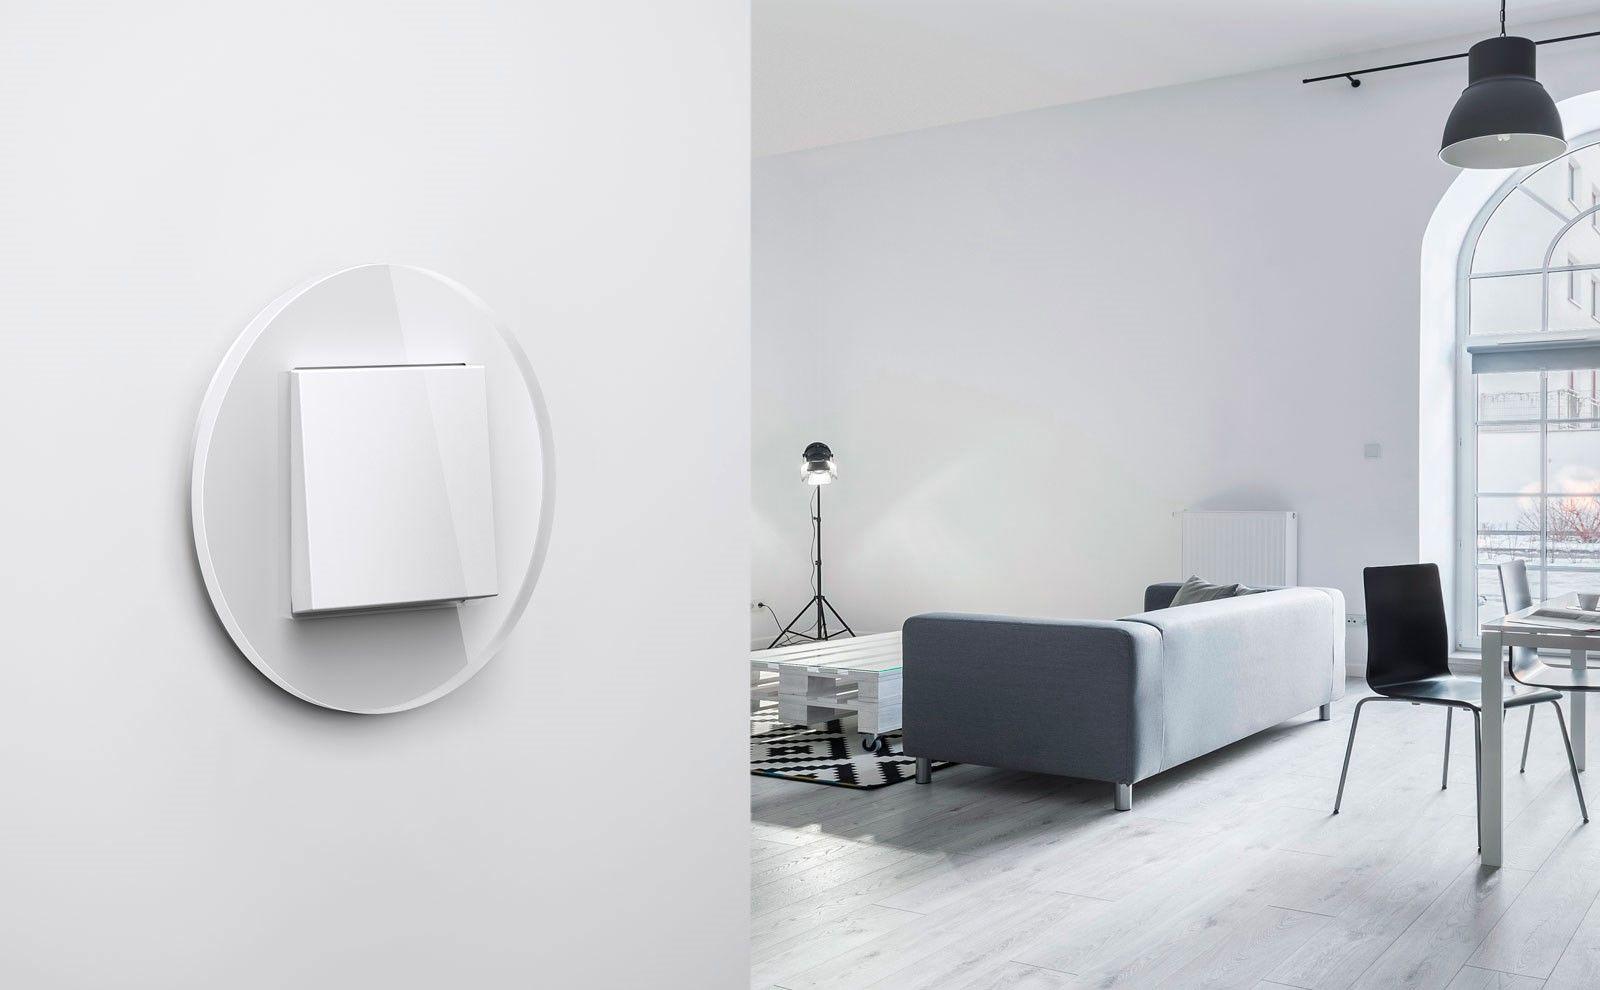 Gira Studio weiß an weißer Wand